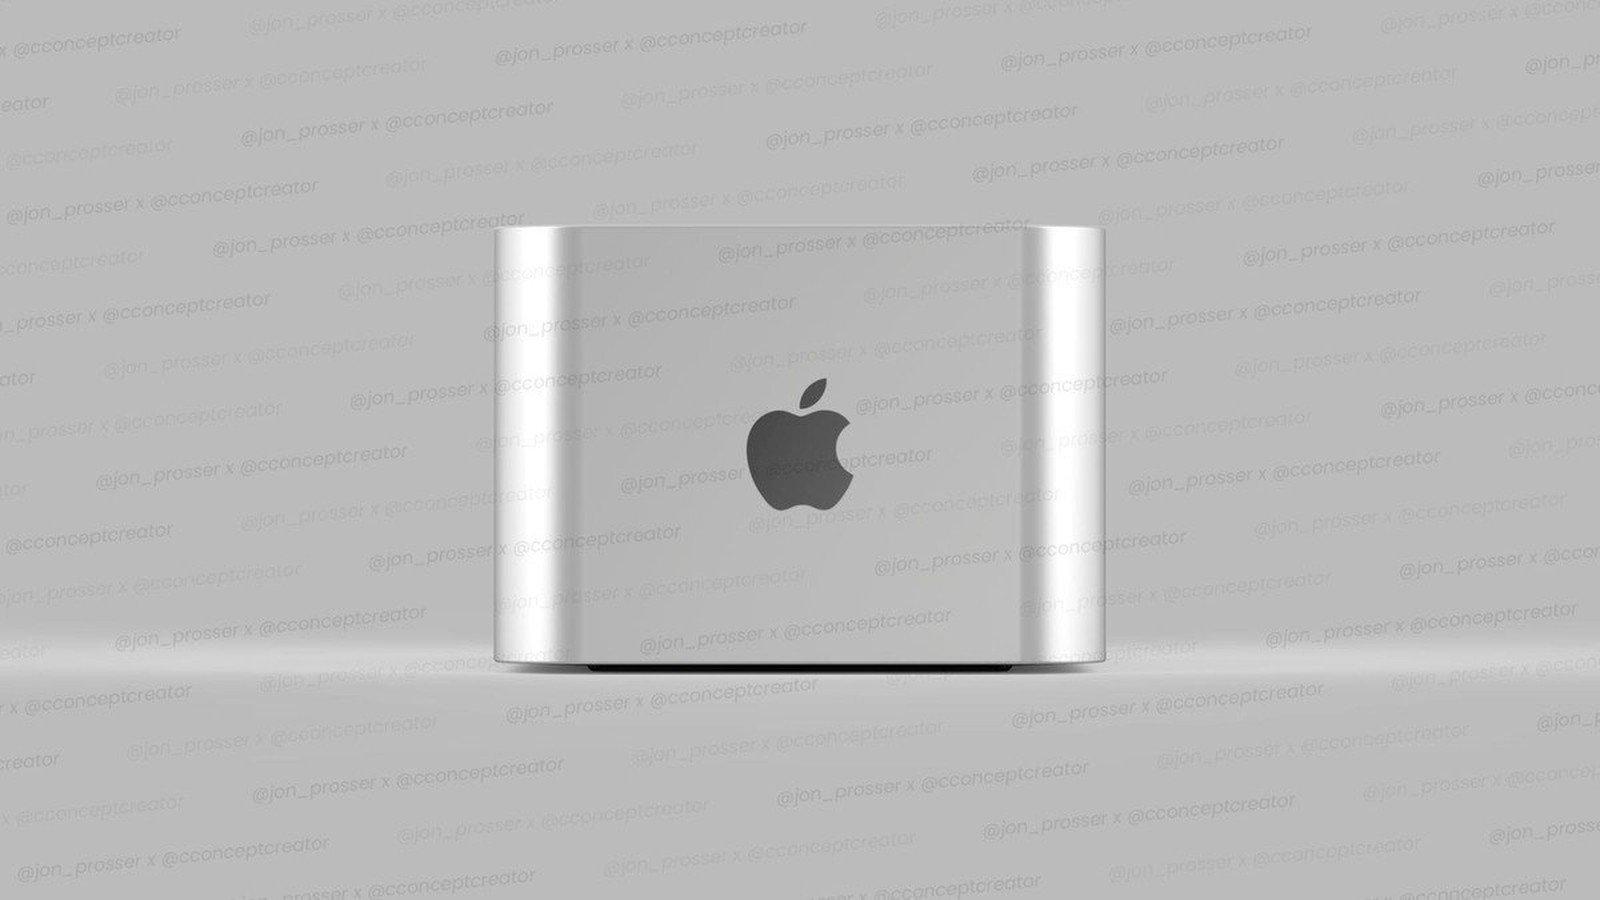 Những mẫu iMac 2021 sắp tới của Apple sẽ có 5 tùy chọn màu